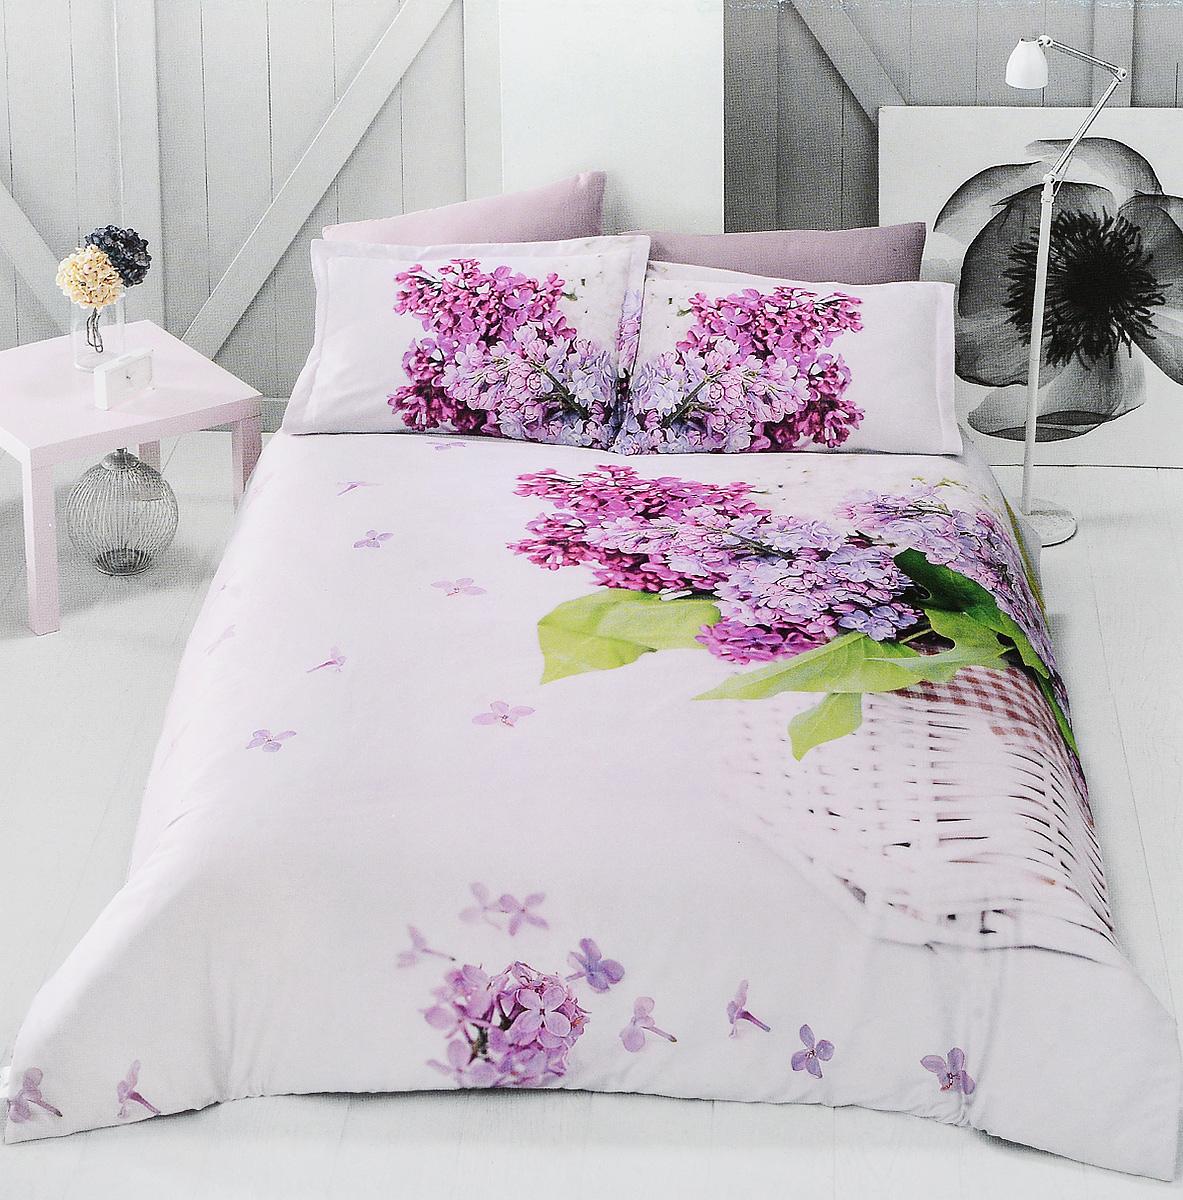 Комплект белья Clasy Lilac, евро, наволочки 50х70, цвет: розовый, фуксия391602Комплект постельного белья Clasy Lilac состоит из пододеяльника на пуговицах, простыни и 4 наволочек (2 стандартные и 2 с ушками). Изделия выполнены из сатина (100% хлопок). Ткань гладкая и имеет ровный матовый блеск. Секрет заключается в особенно плотном сатиновом переплетении. Несмотря на особую плотность, это постельное белье очень мягкое, спать на нем уютно и тепло. Ткань обладает отличными гигиеническими свойствами - гигроскопичностью, воздухопроницаемостью и гипоаллергенностью. Краска на сатине держится очень хорошо, новое белье не полиняет и со временем не станет выцветать. Такой комплект прослужит дольше любого другого хлопкового белья. Благодаря диагональному пересечению нитей ткань почти не мнется. В производстве белья используются только качественные безопасные импортные красители, которые не содержат вредных химических веществ и позволяют сохранить яркость красок после многократных стирок. Белье упаковано в подарочную картонную коробку.